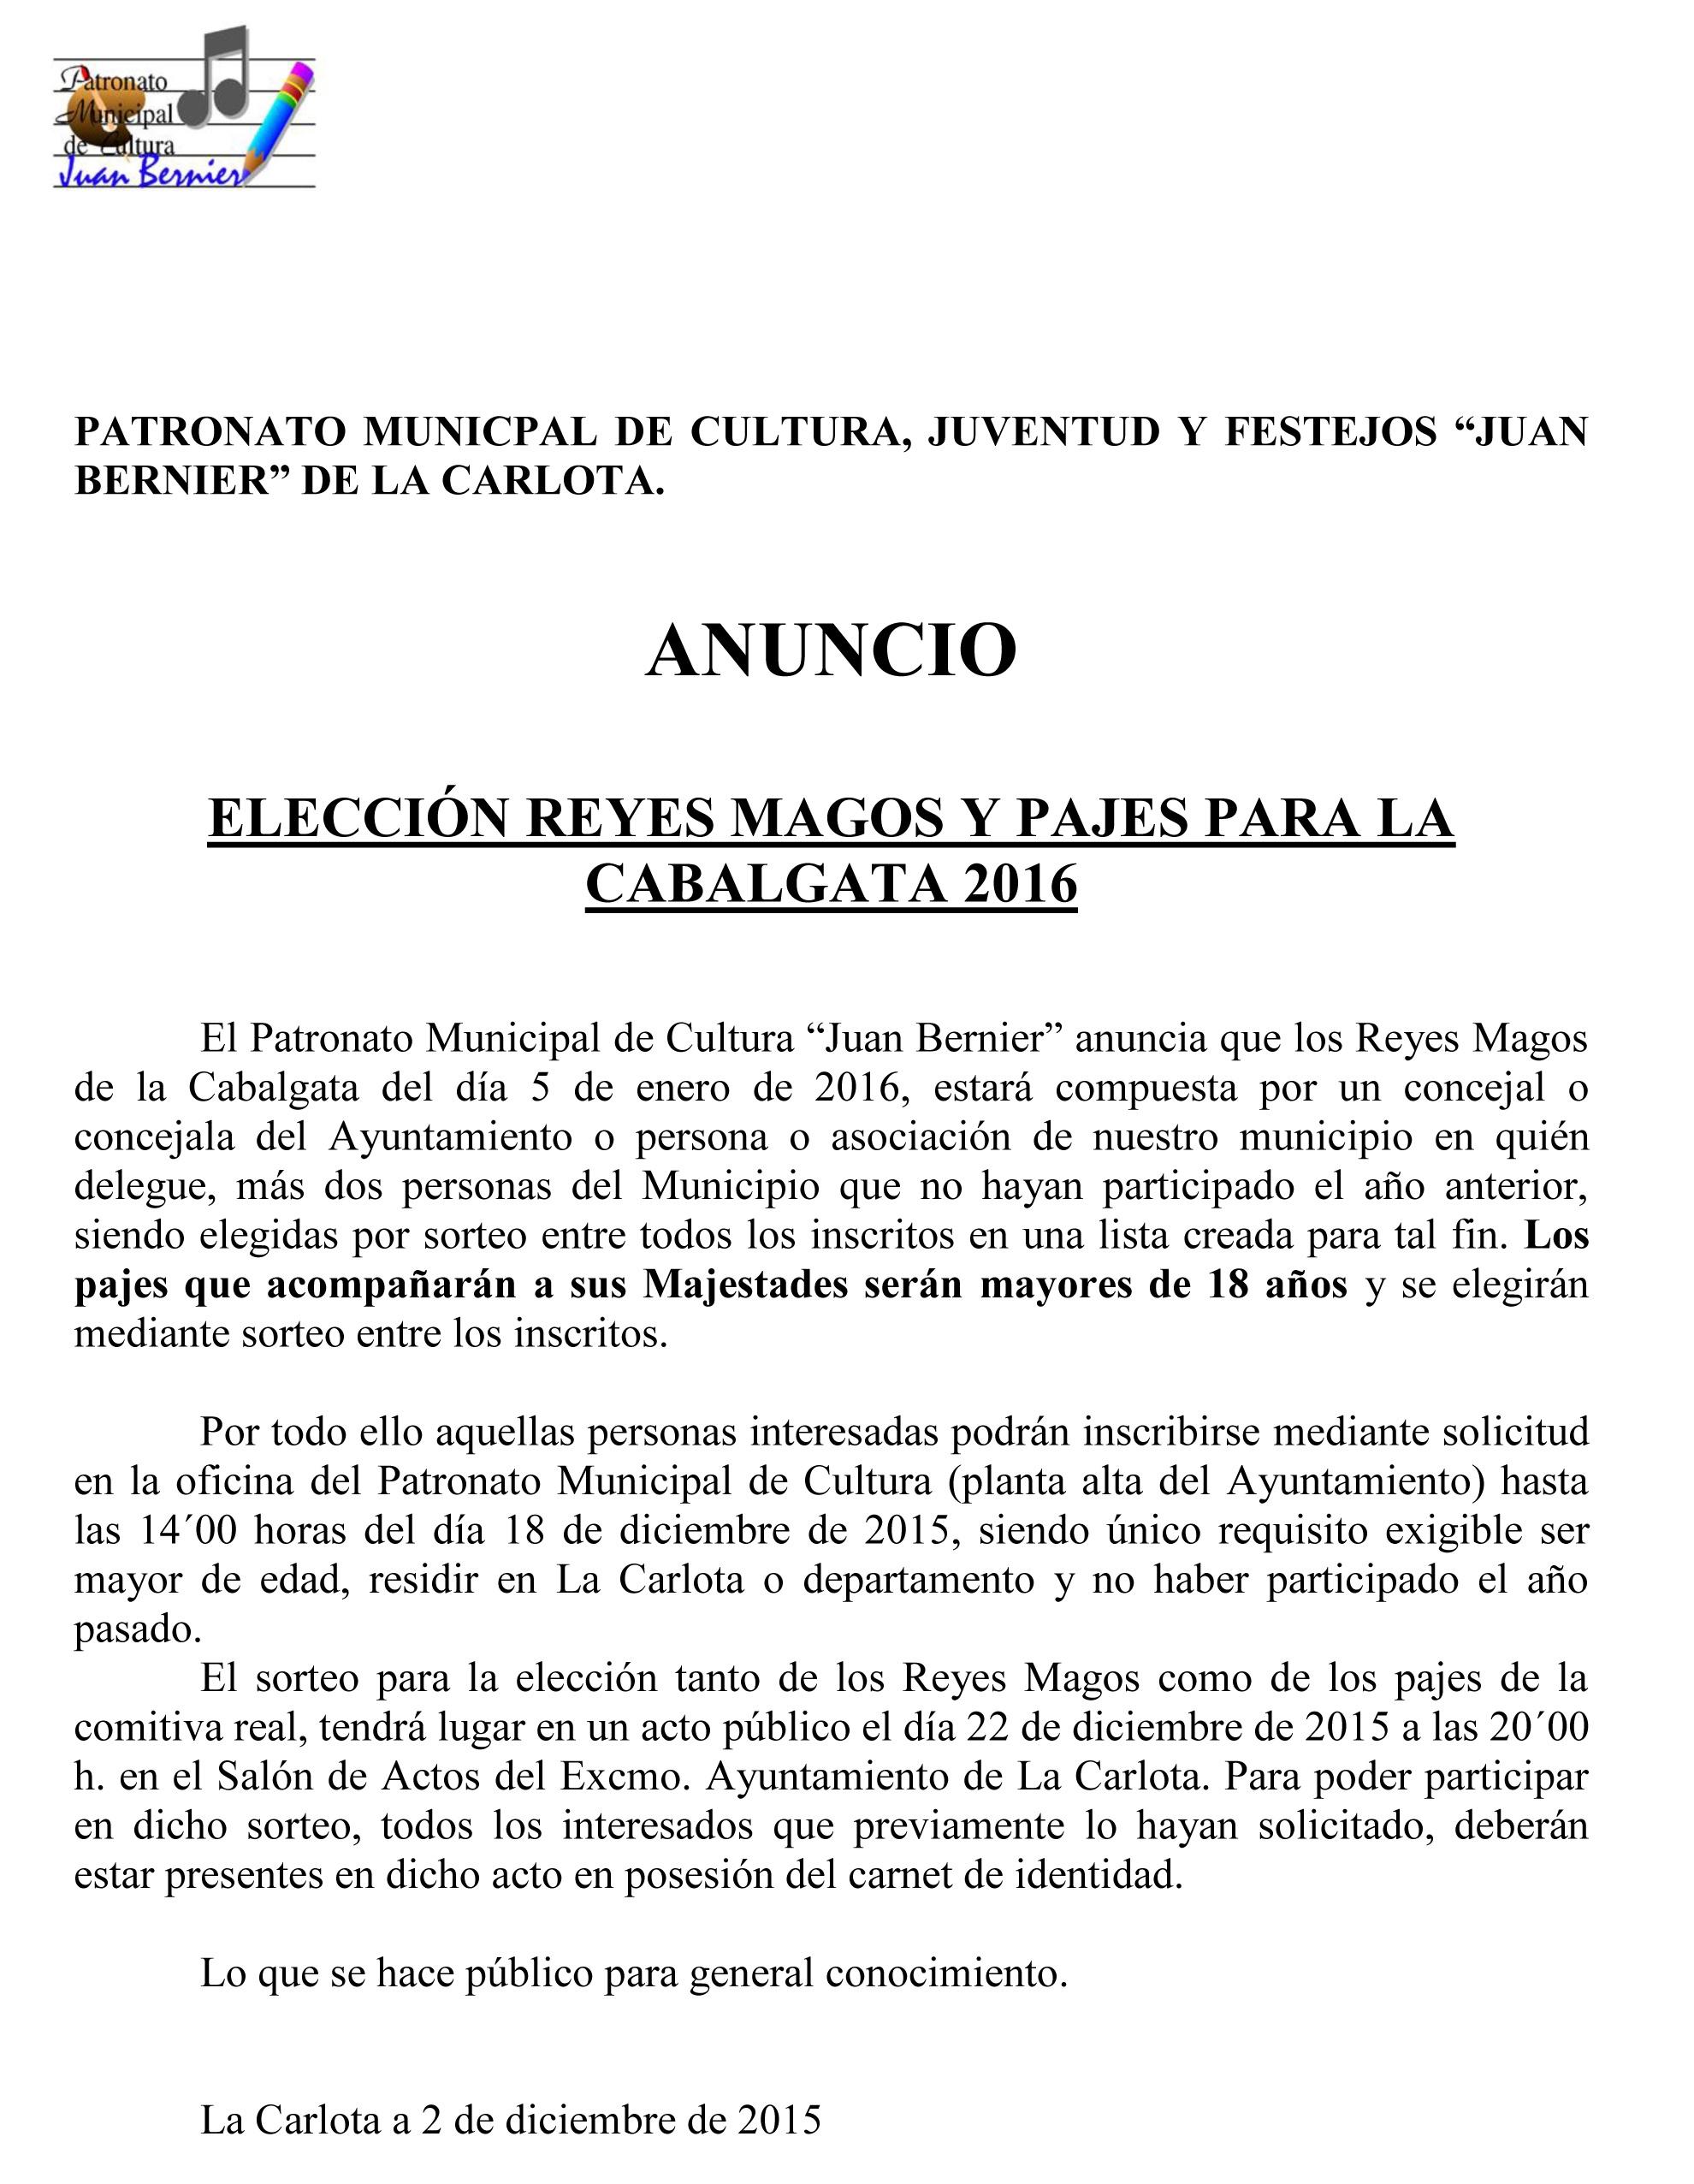 ANUNCIO  ELECCIÓN REYES MAGOS Y PAJES PARA LA CABALGATA 2016 1